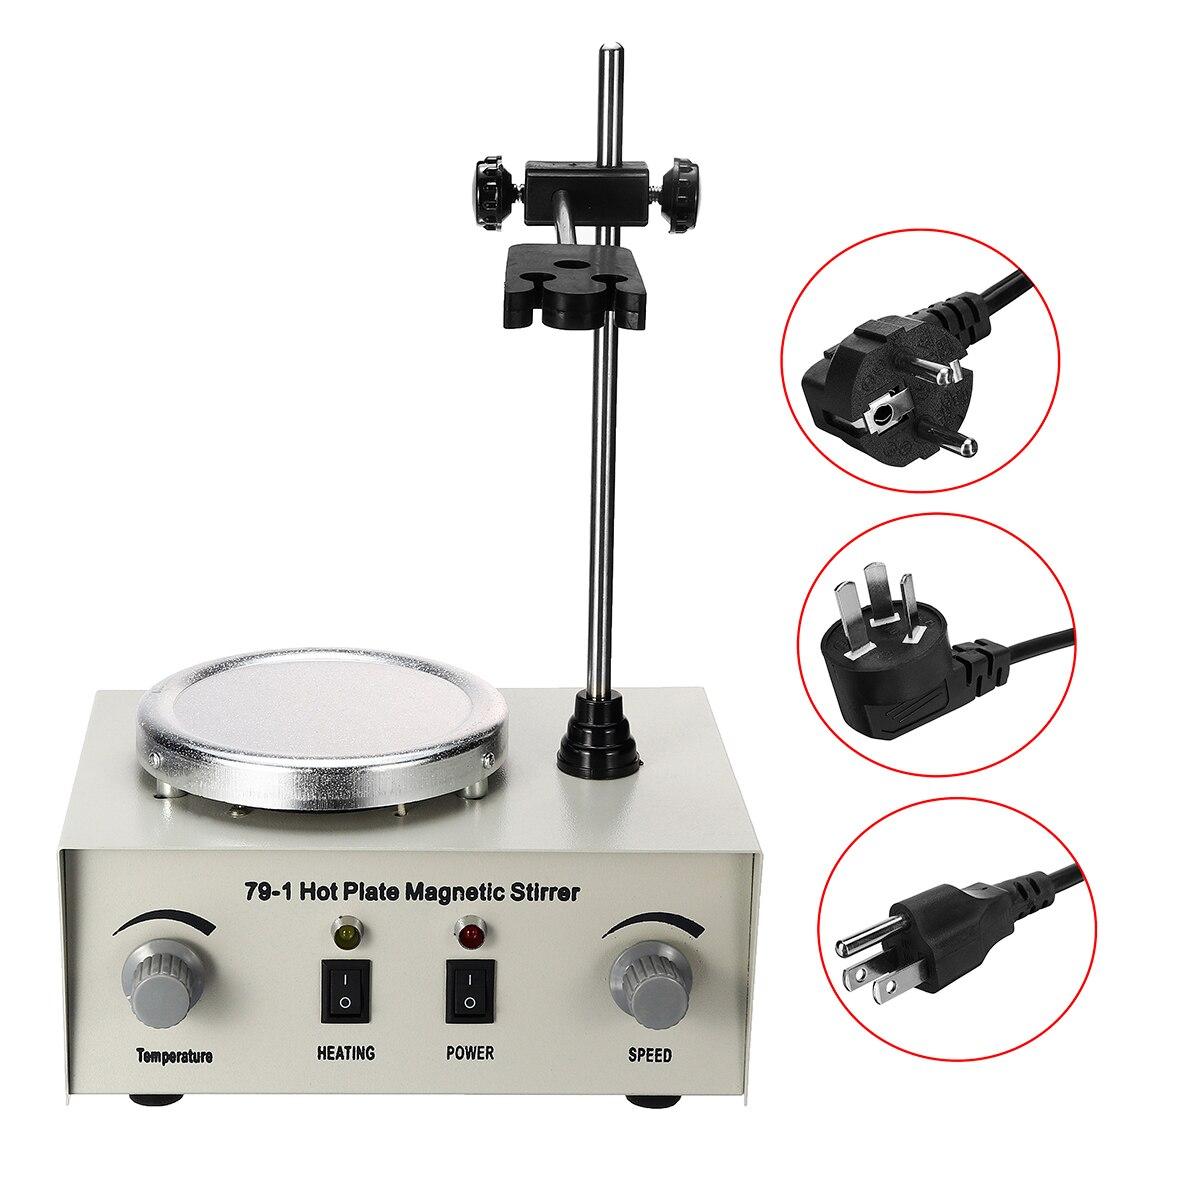 US/AU/EU 79-1 110/220 V 250 W 1000 ml agitateur magnétique à plaque chauffante mélangeur à double commande sans Protection contre les fusibles anti-bruit/vibrations - 4